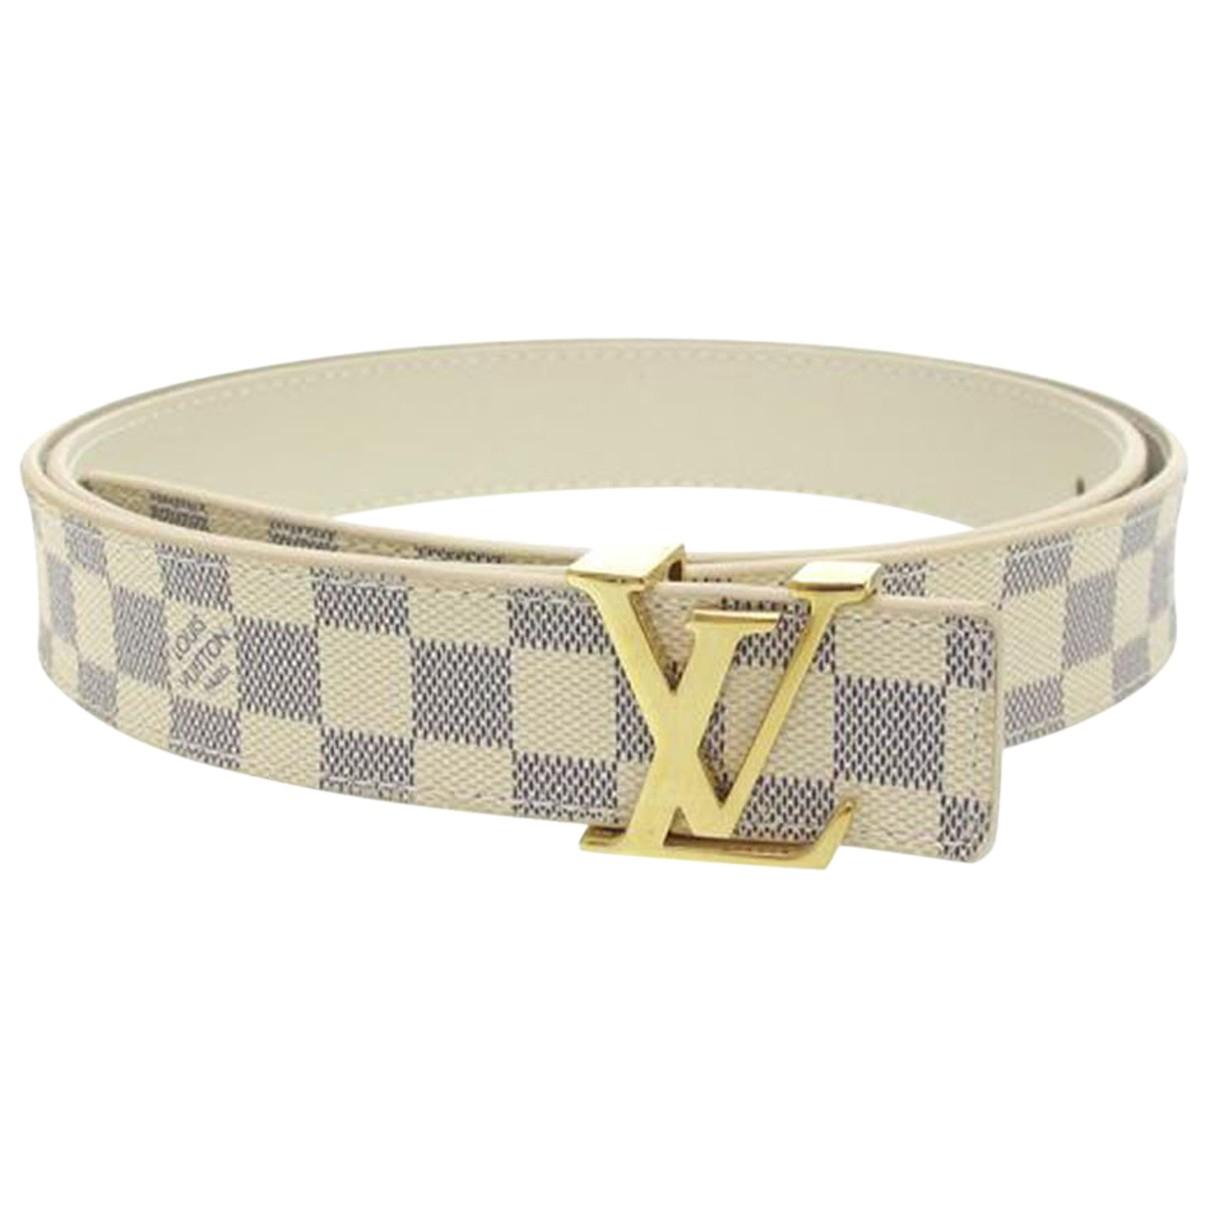 Louis Vuitton Initiales Guertel Andere